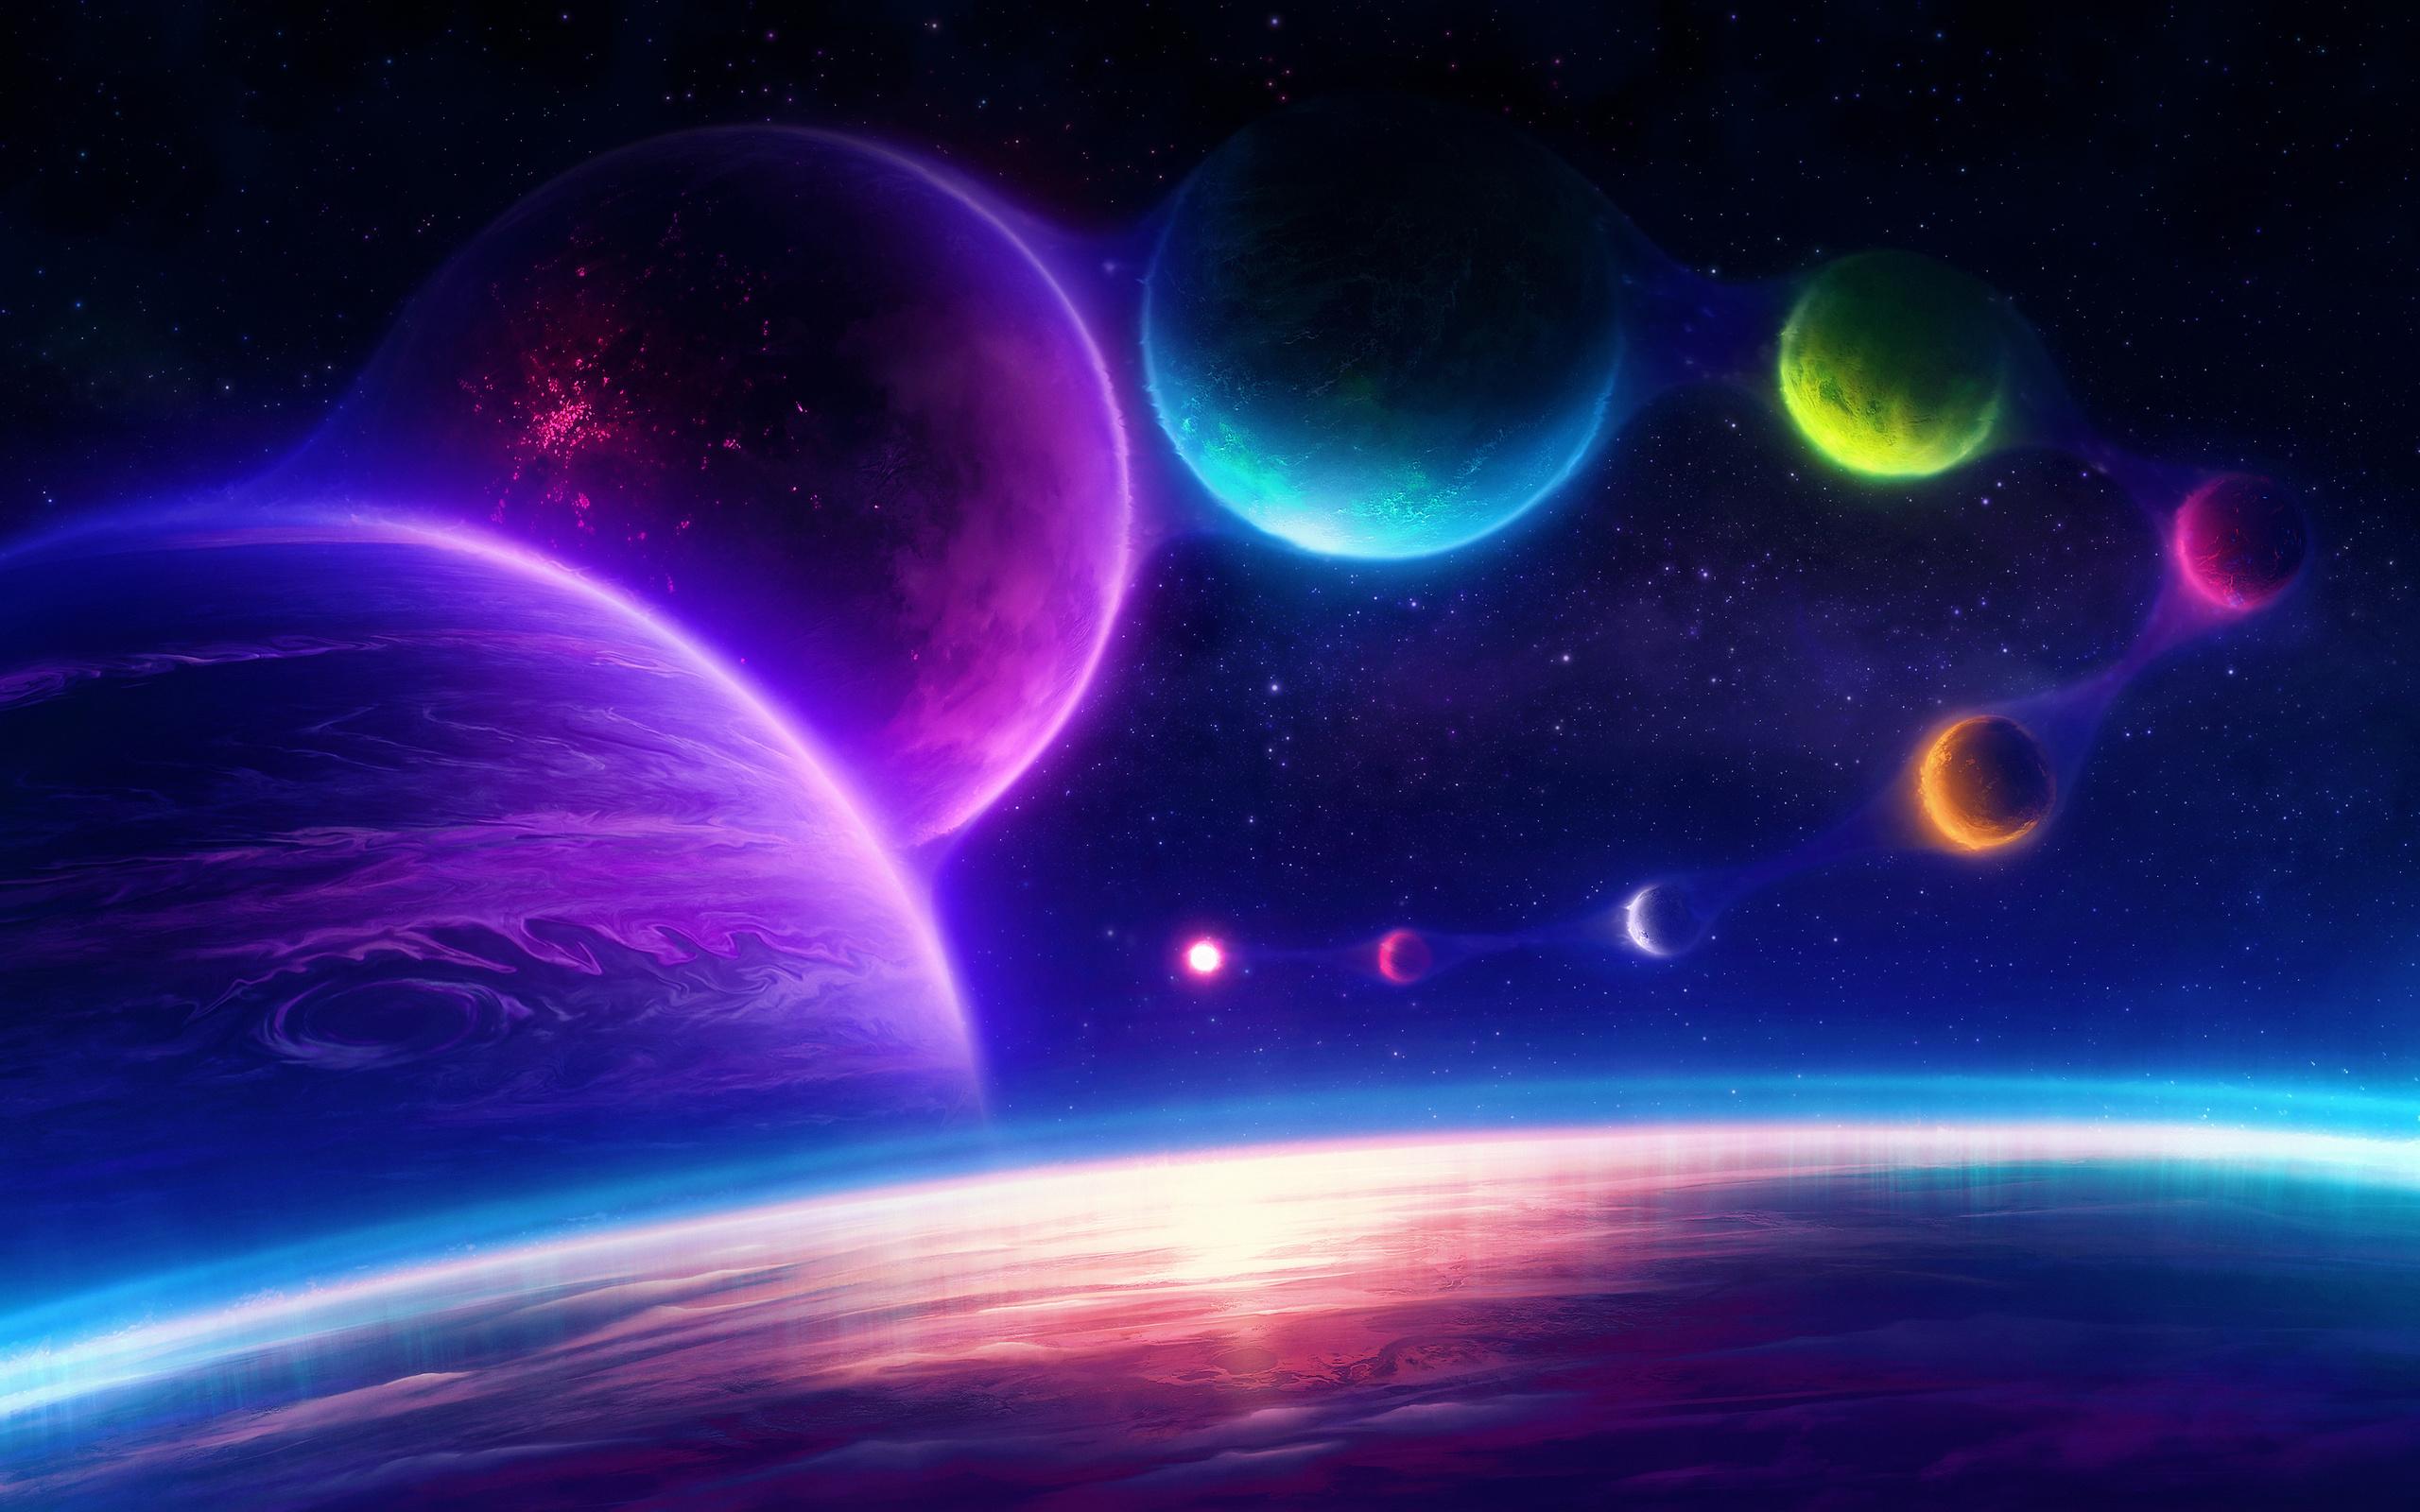 настоящему картинки разноцветных планет остается только